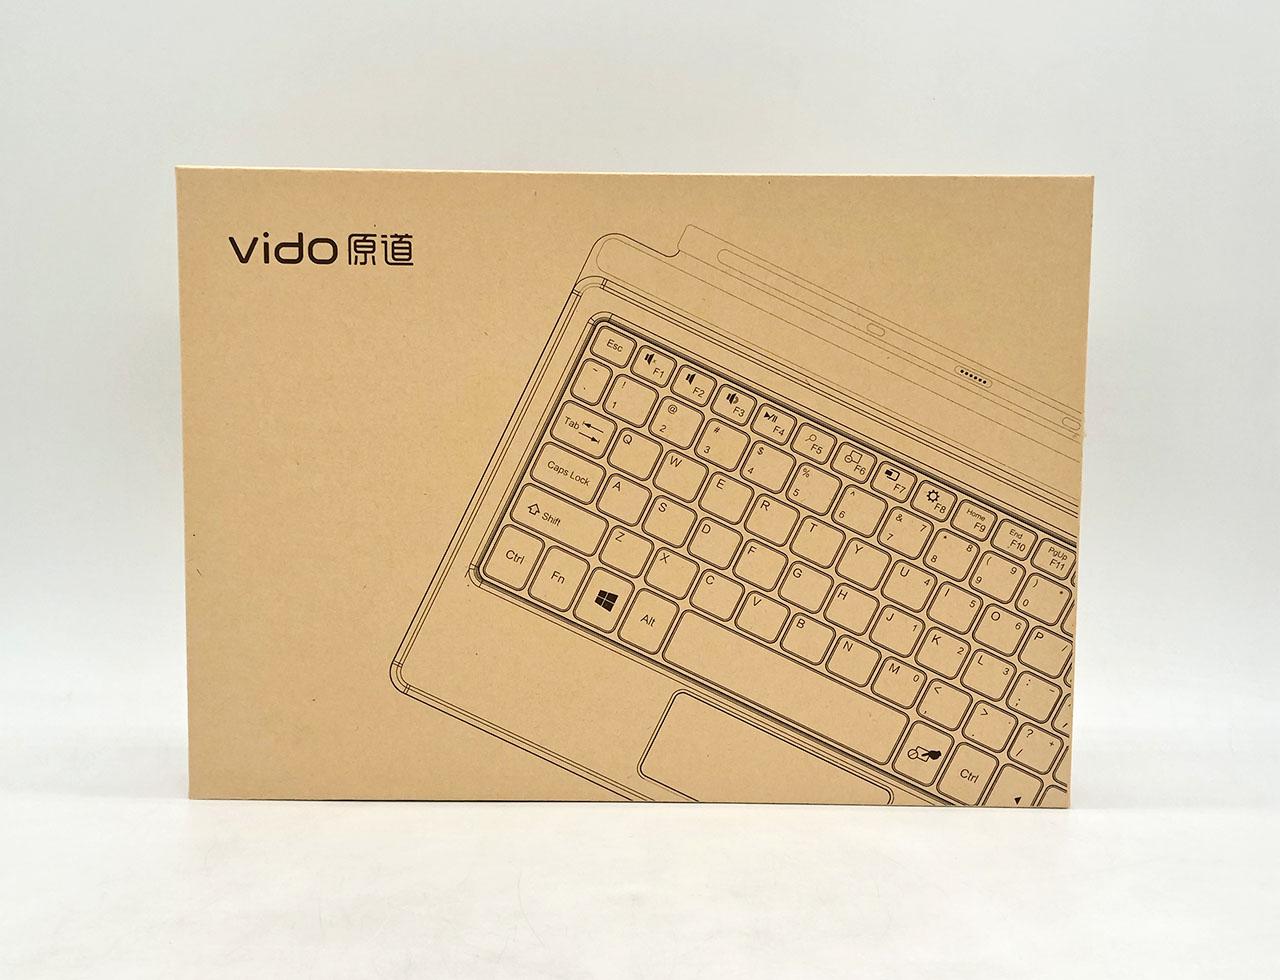 小黑智能小黑板键盘原道海尔中柏驰为台电昂达v102w ployer momo10 w平板二合一win8 10磁吸键盘皮套保护套 5针触点物理链接不掉线无延迟